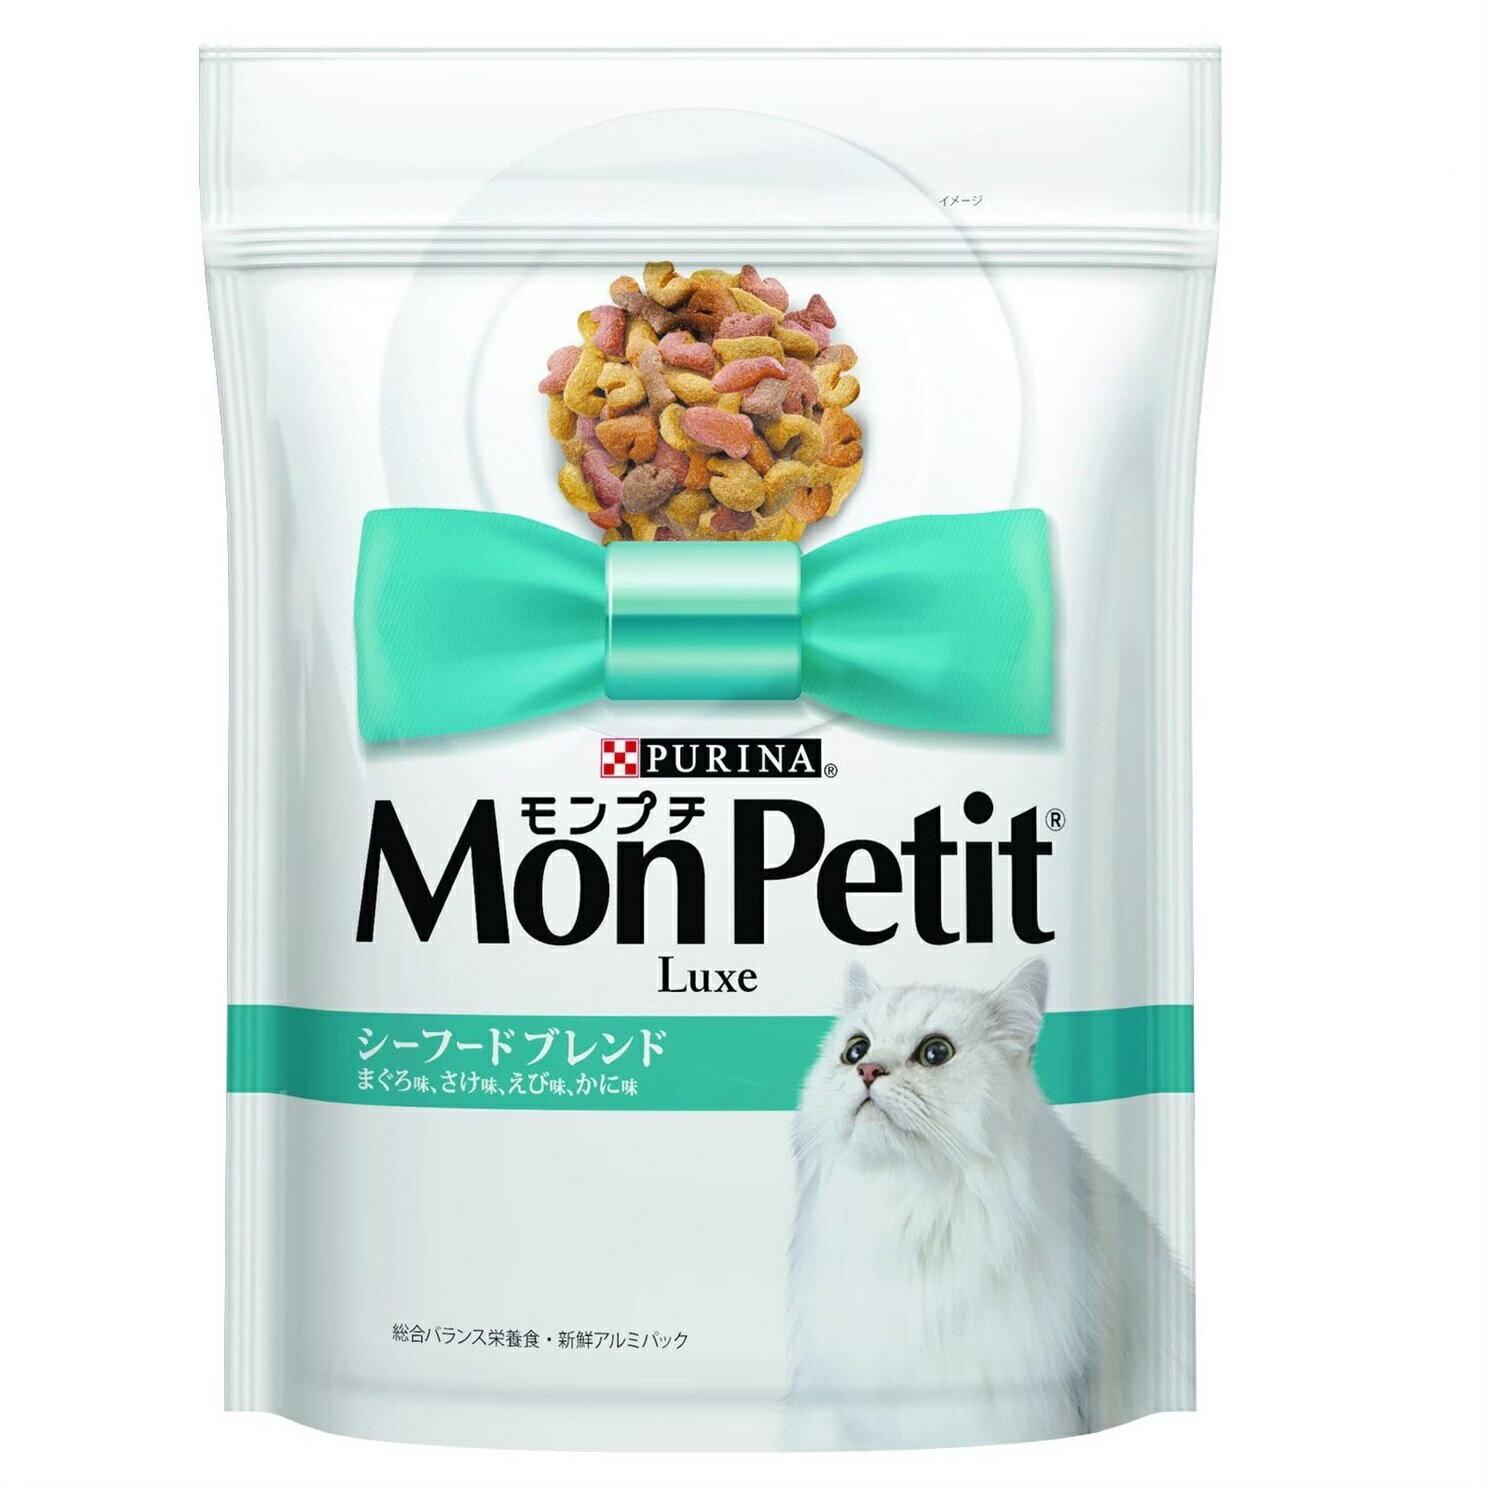 貓倍麗 MonPetit 成貓乾糧 -[海鮮拼盤配方] 1.36kg